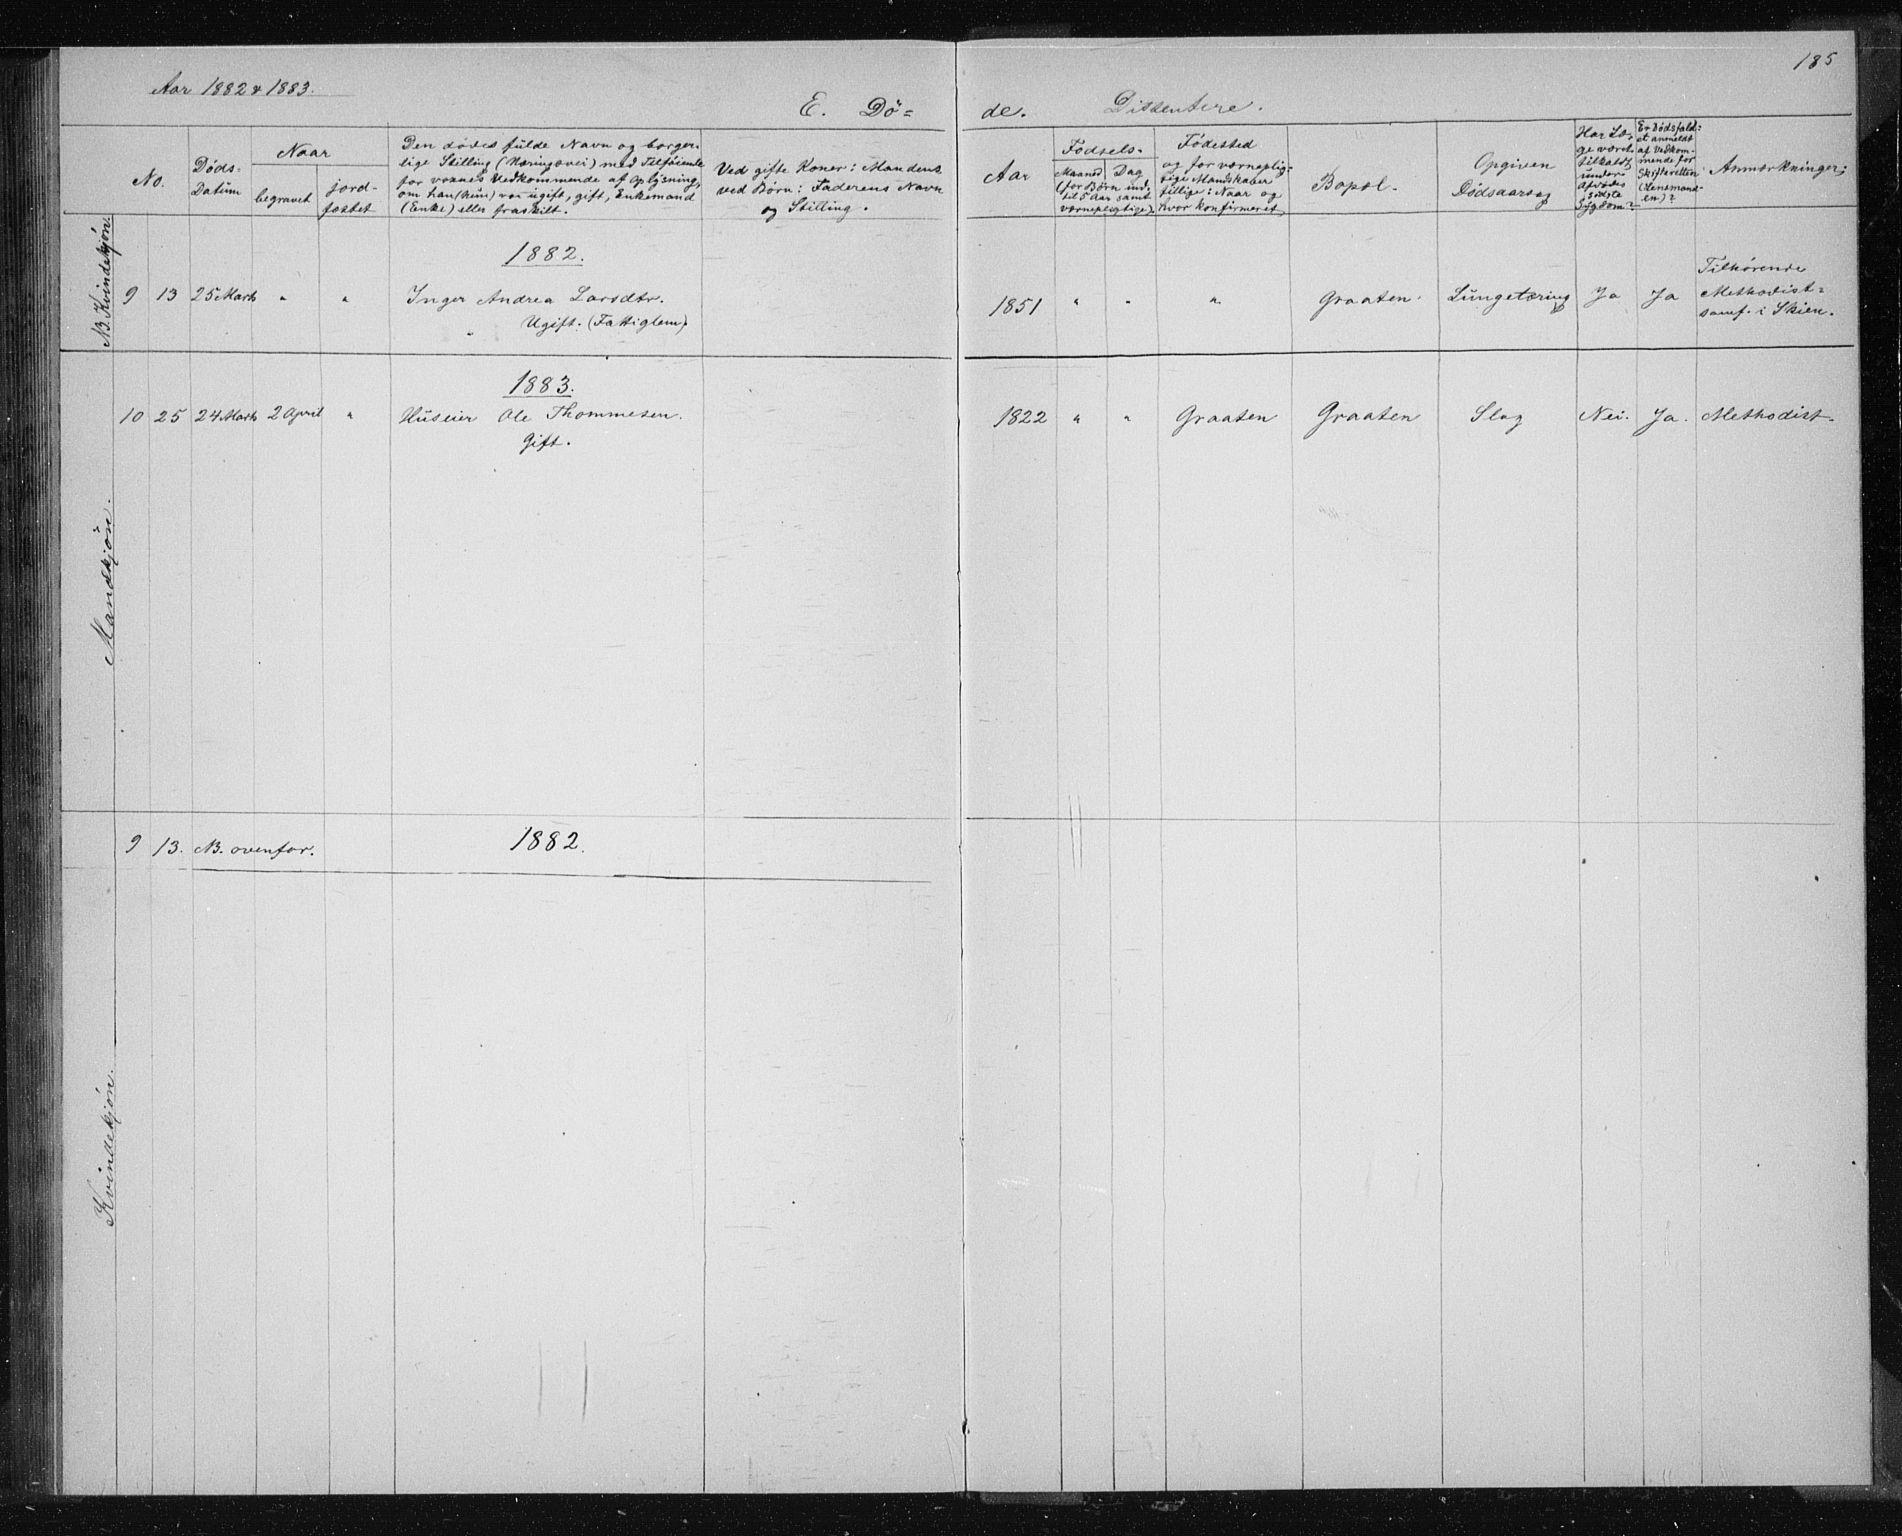 SAKO, Solum kirkebøker, G/Ga/L0006: Klokkerbok nr. I 6, 1882-1883, s. 185